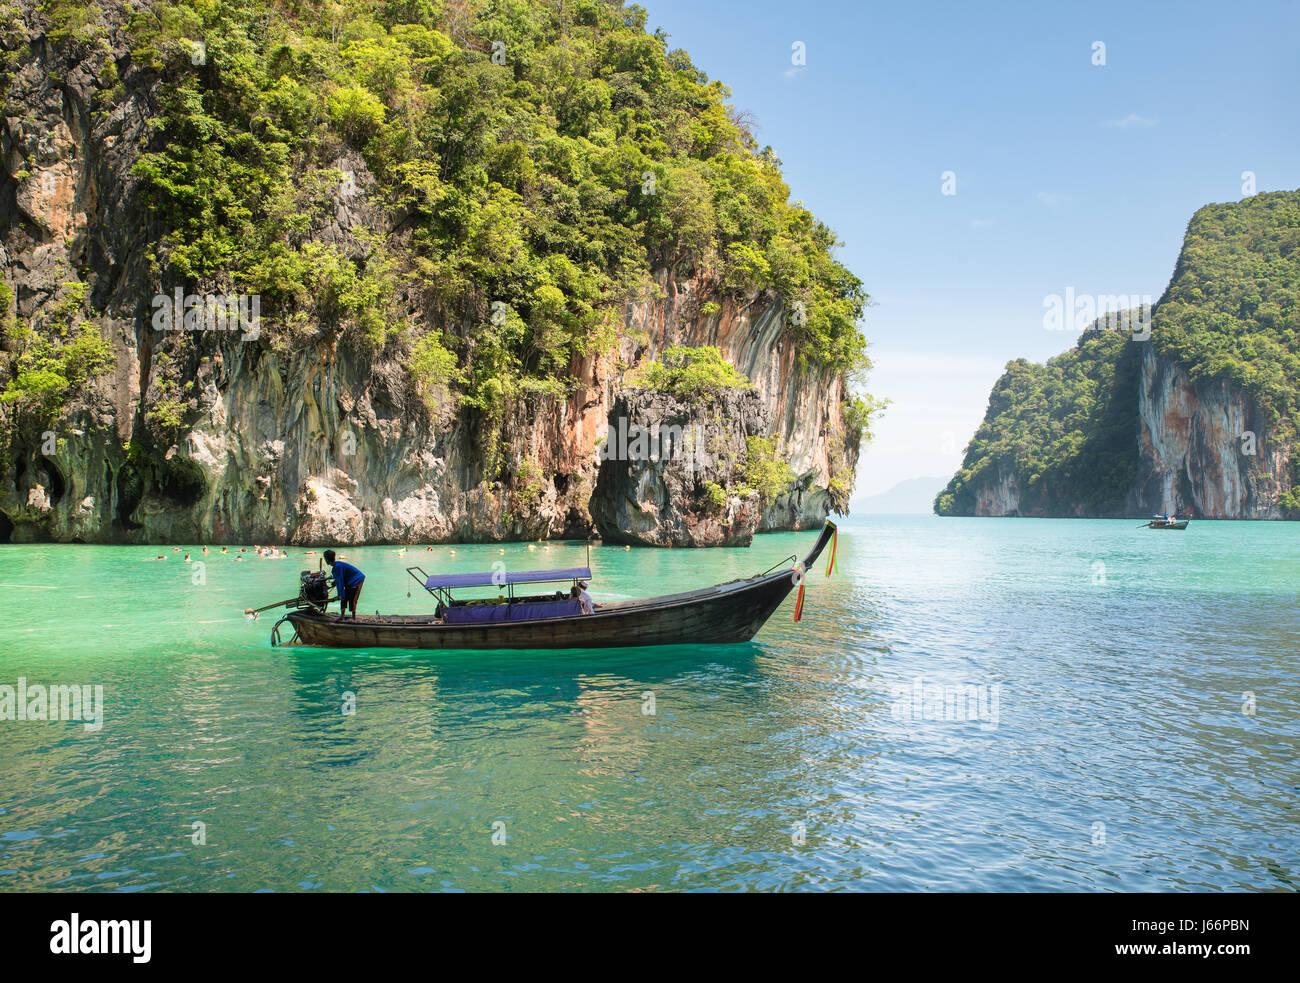 Lo splendido paesaggio di rocce di montagna e mare cristallino con longtail boat a Phuket, Tailandia. Estate, Viaggi, Immagini Stock